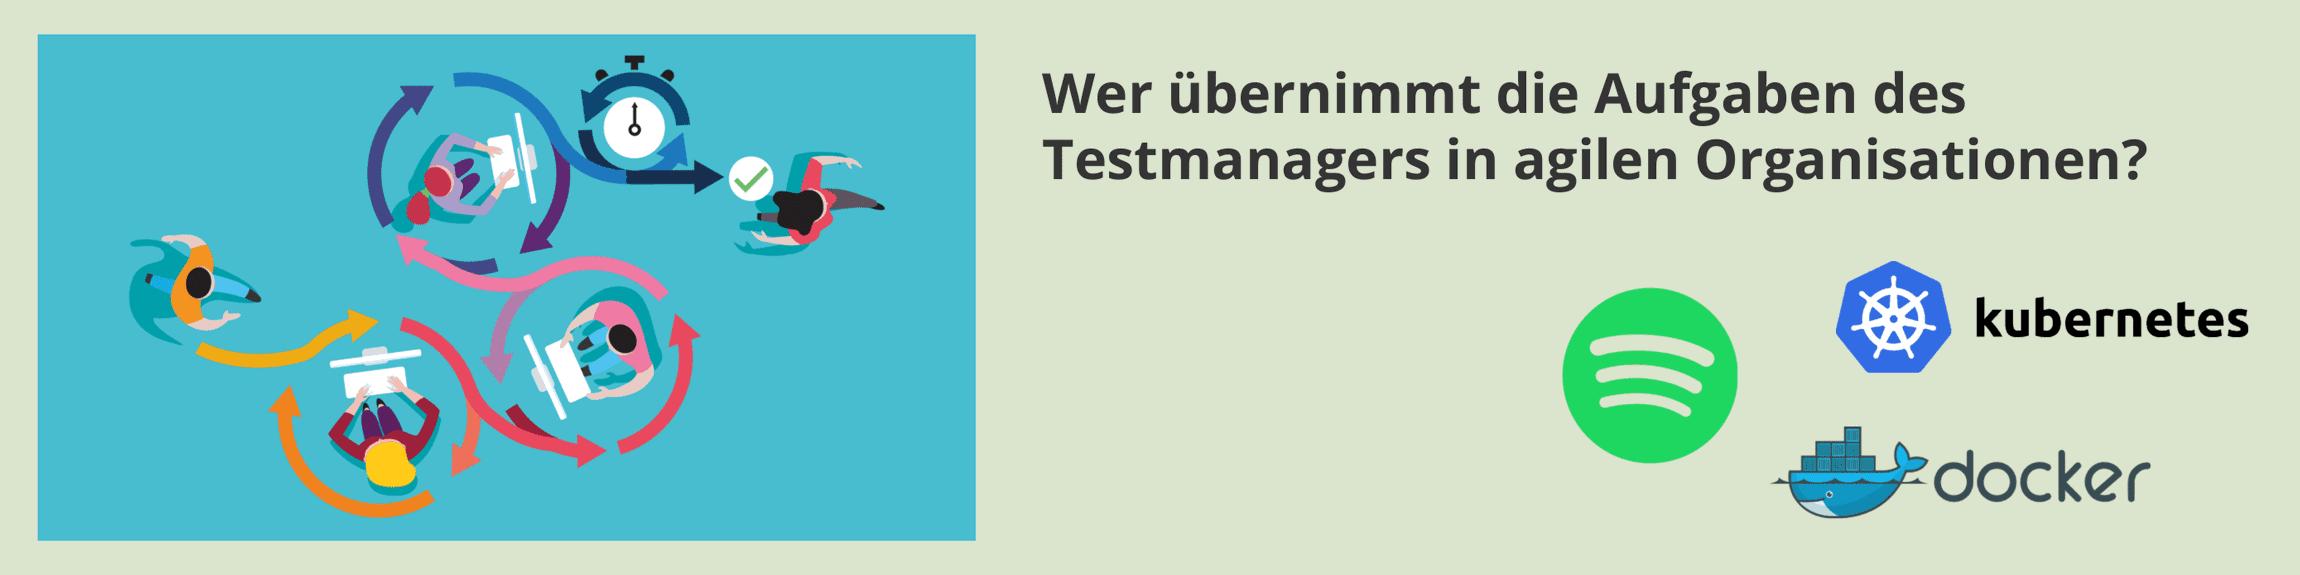 Wer ist für das Testmanagement in agilen Organisationen zuständig? Eine Erklärung anhand vom Spotify Modell.